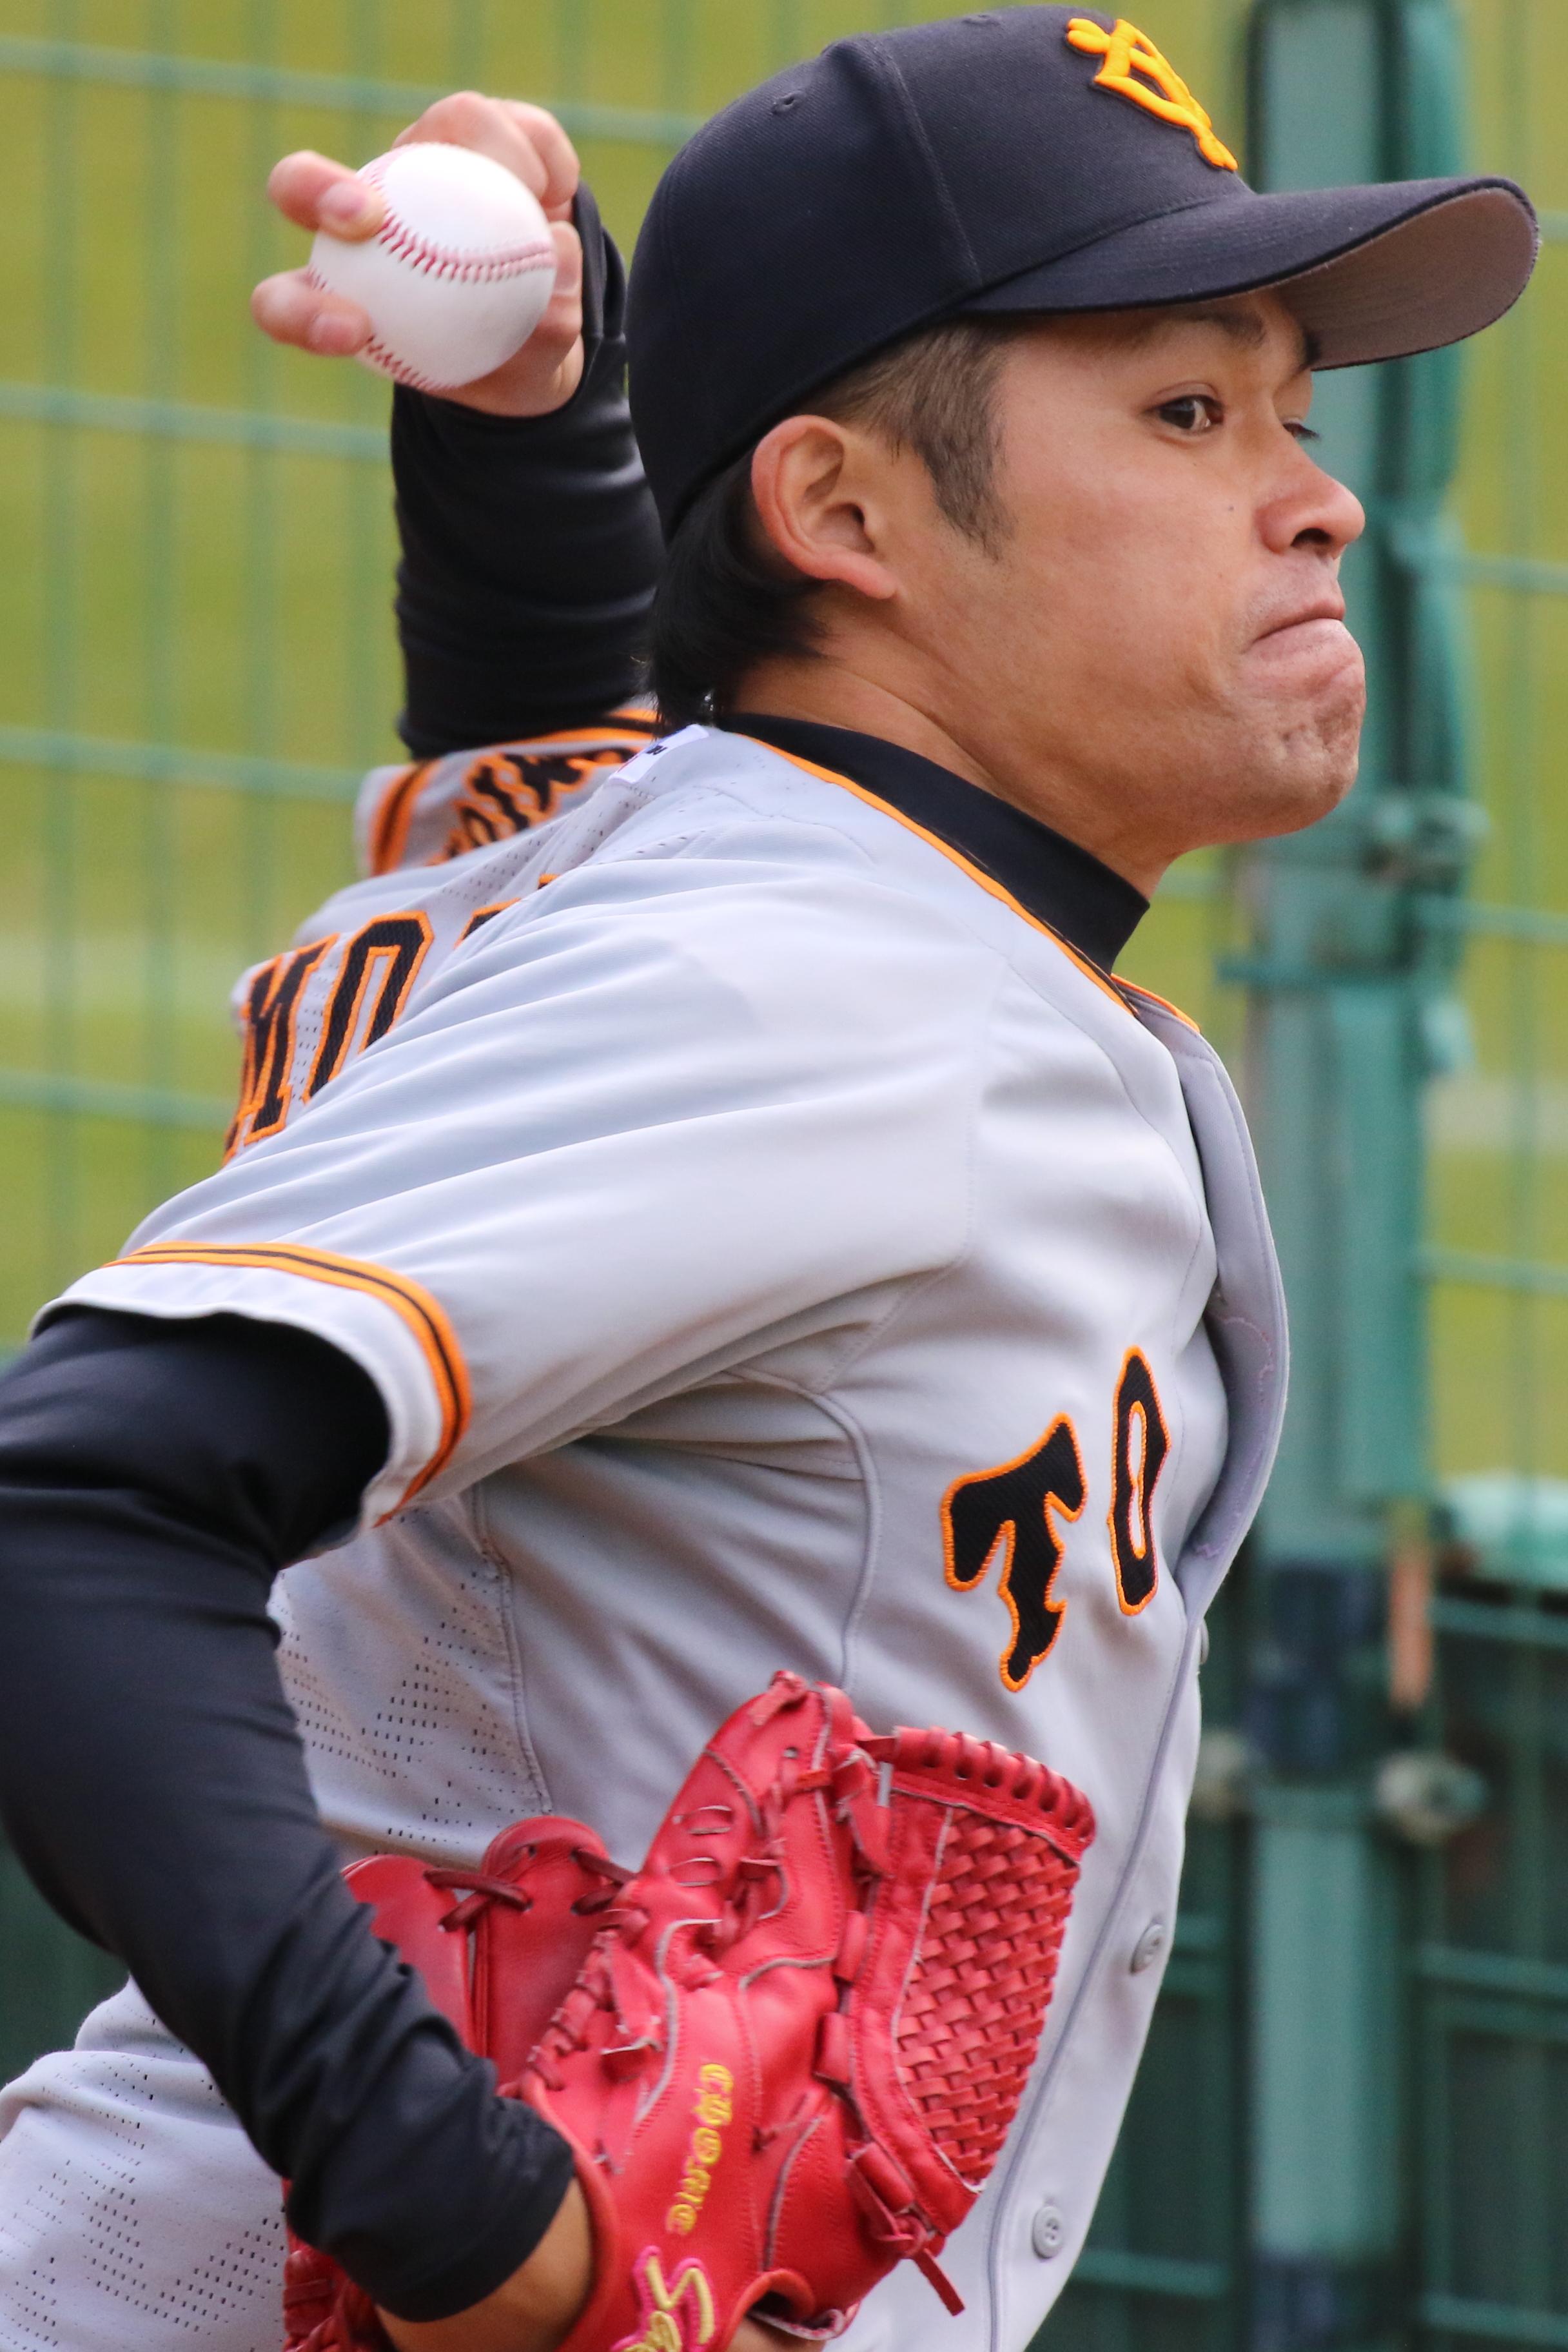 森福允彦 - Wikipedia